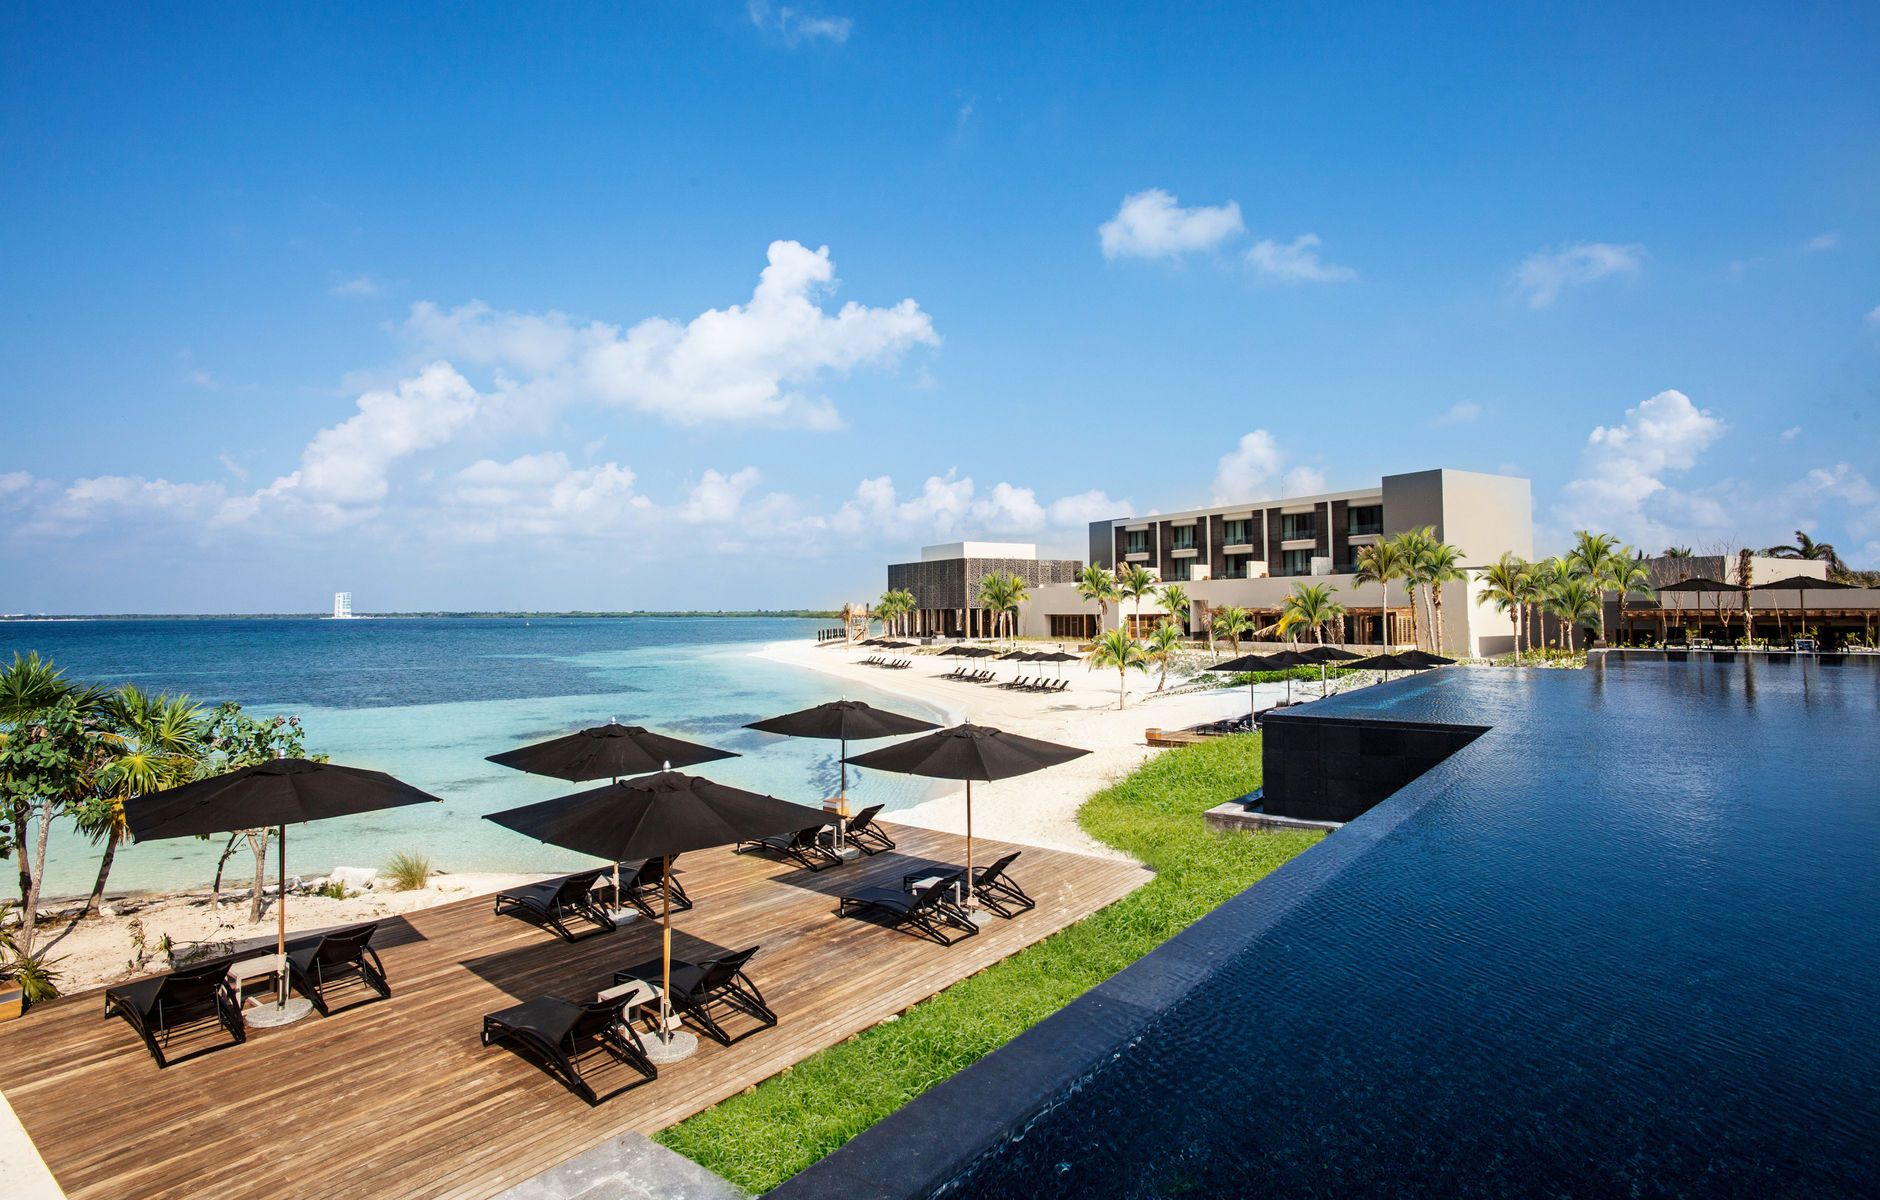 Nizuc Resort And Spa Cancun Mexico Cancun Resorts Cancun Hotels Beach Hotels